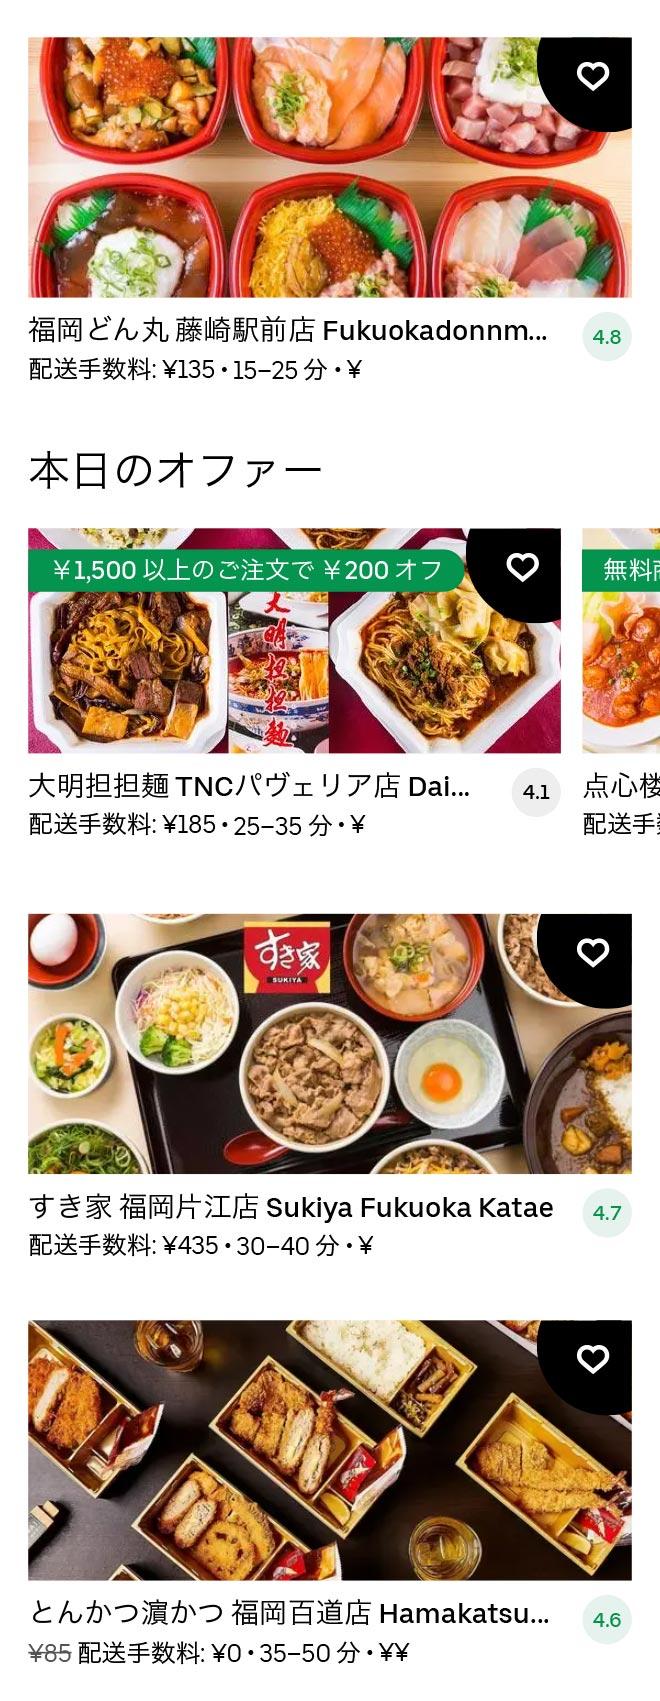 Nishijin menu 2101 09